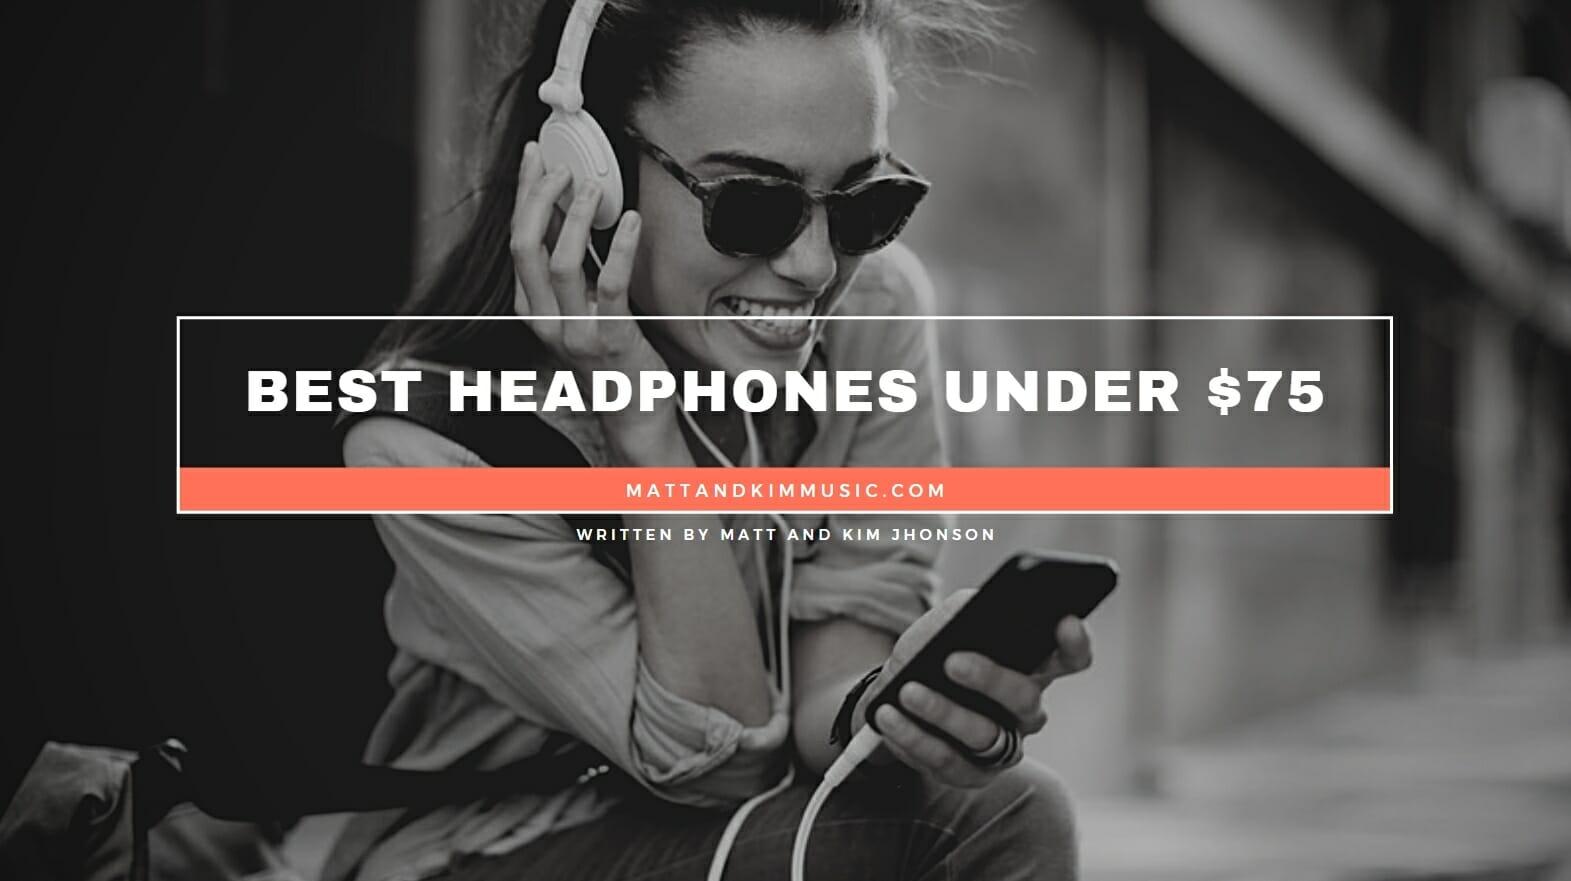 Best Headphones Under $75